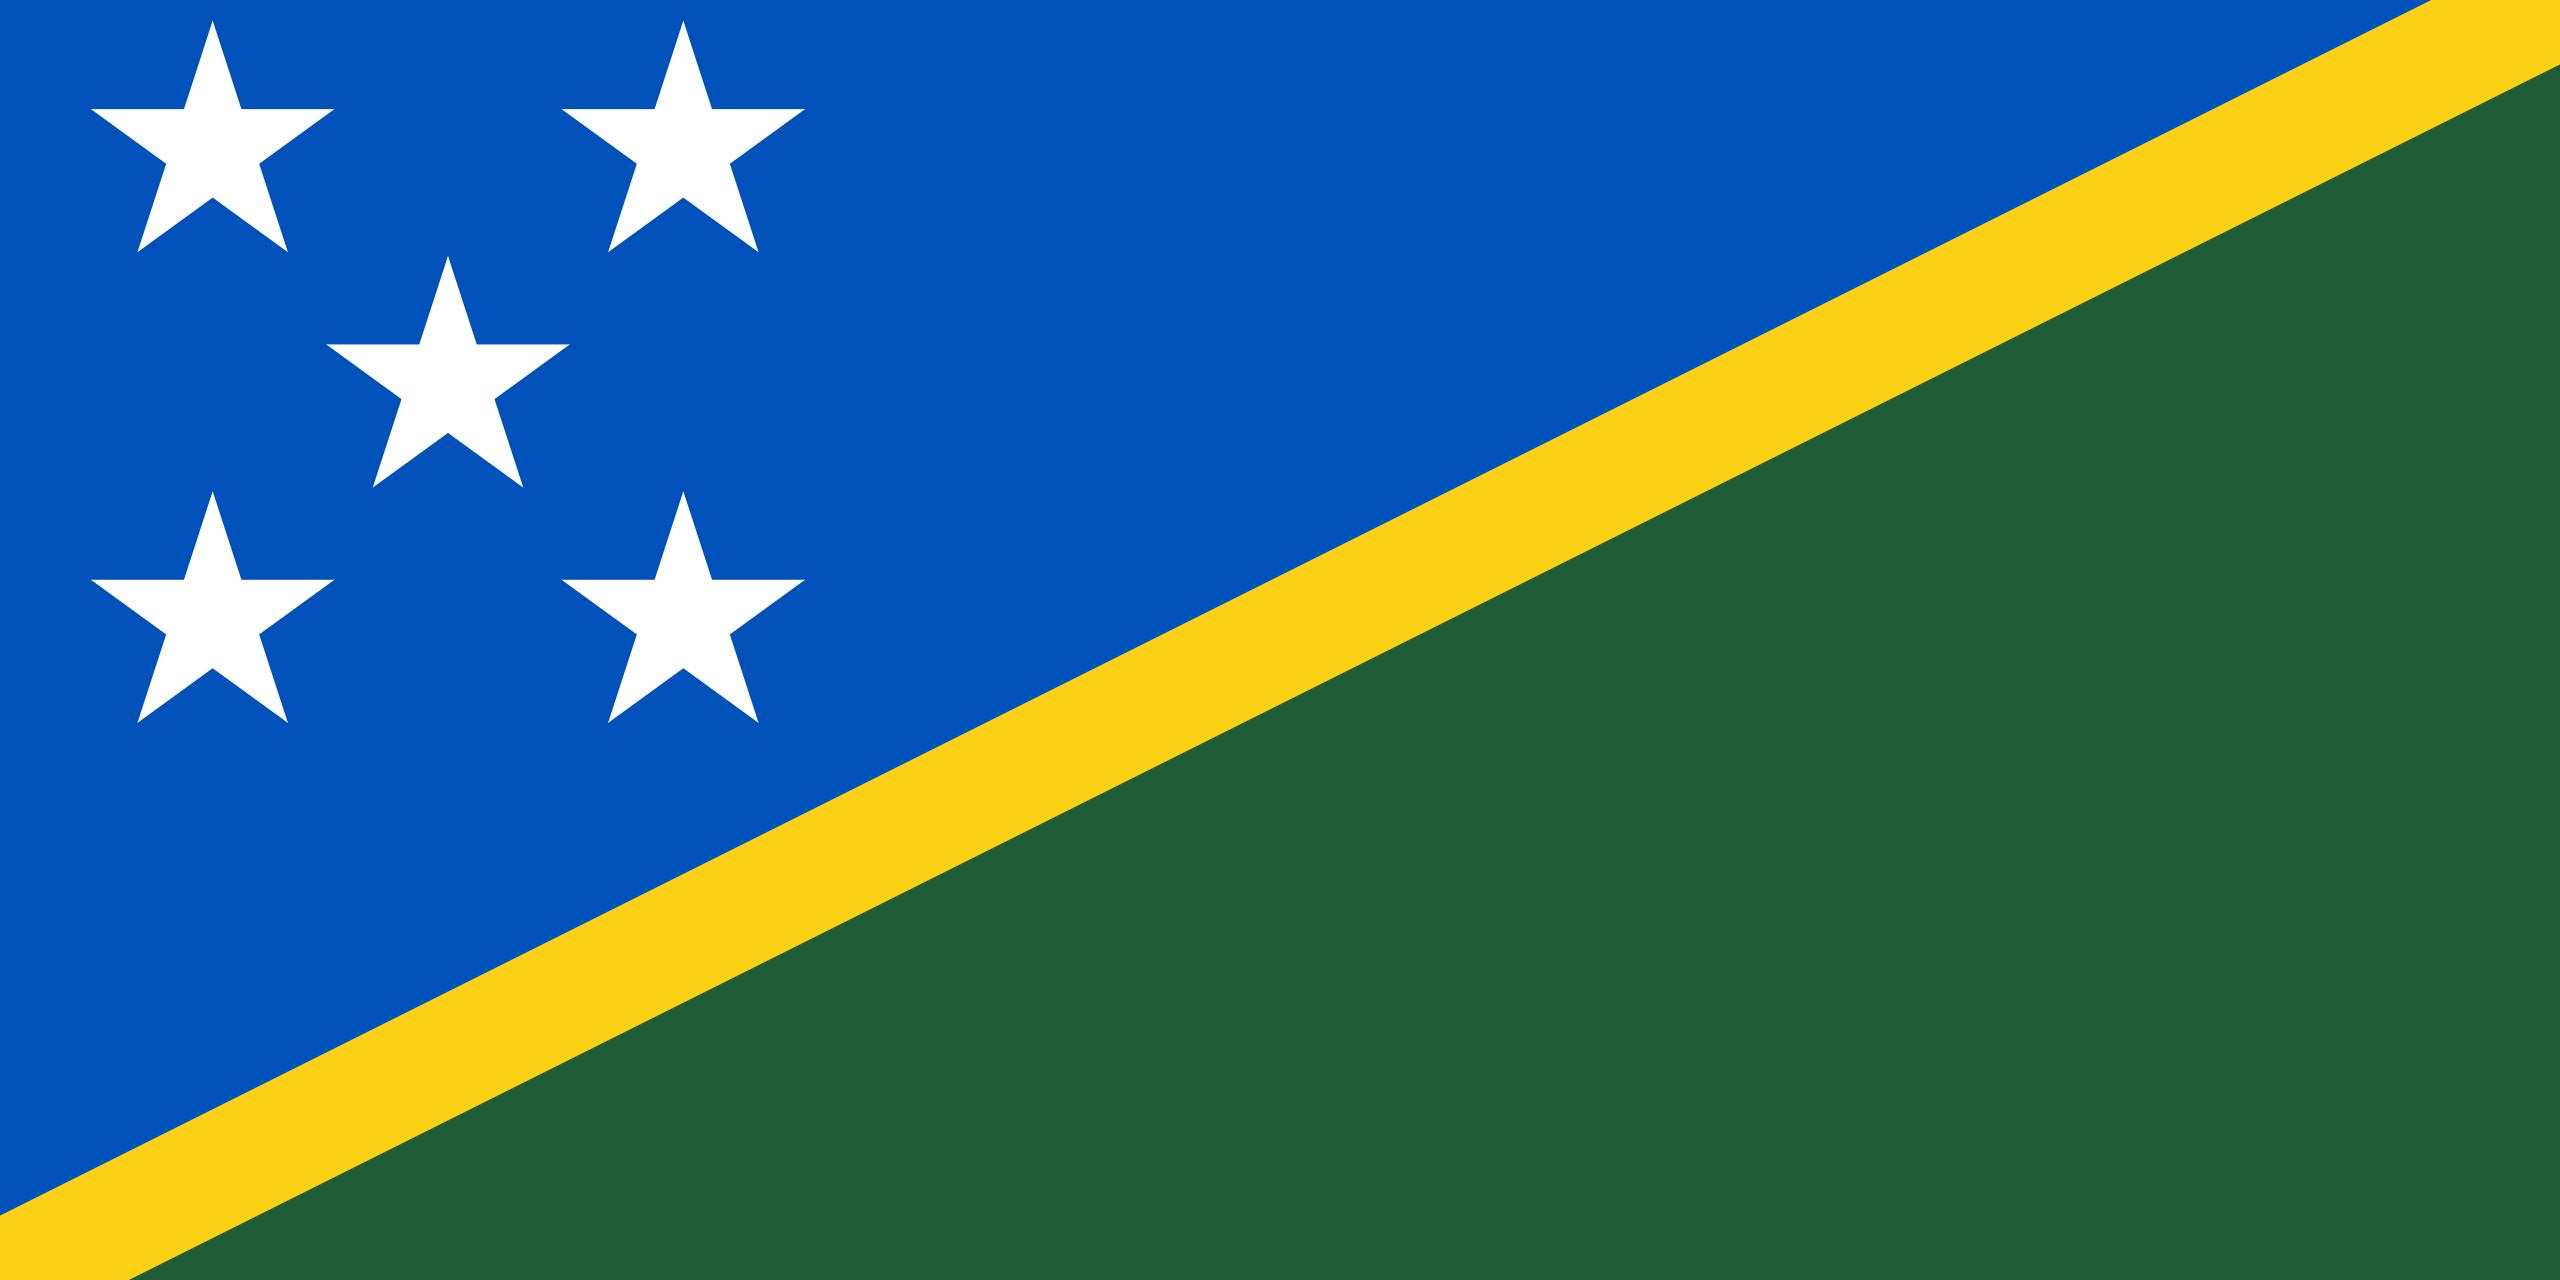 islas salomón, χώρα, έμβλημα, λογότυπο, σύμβολο - Wallpapers HD - Professor-falken.com